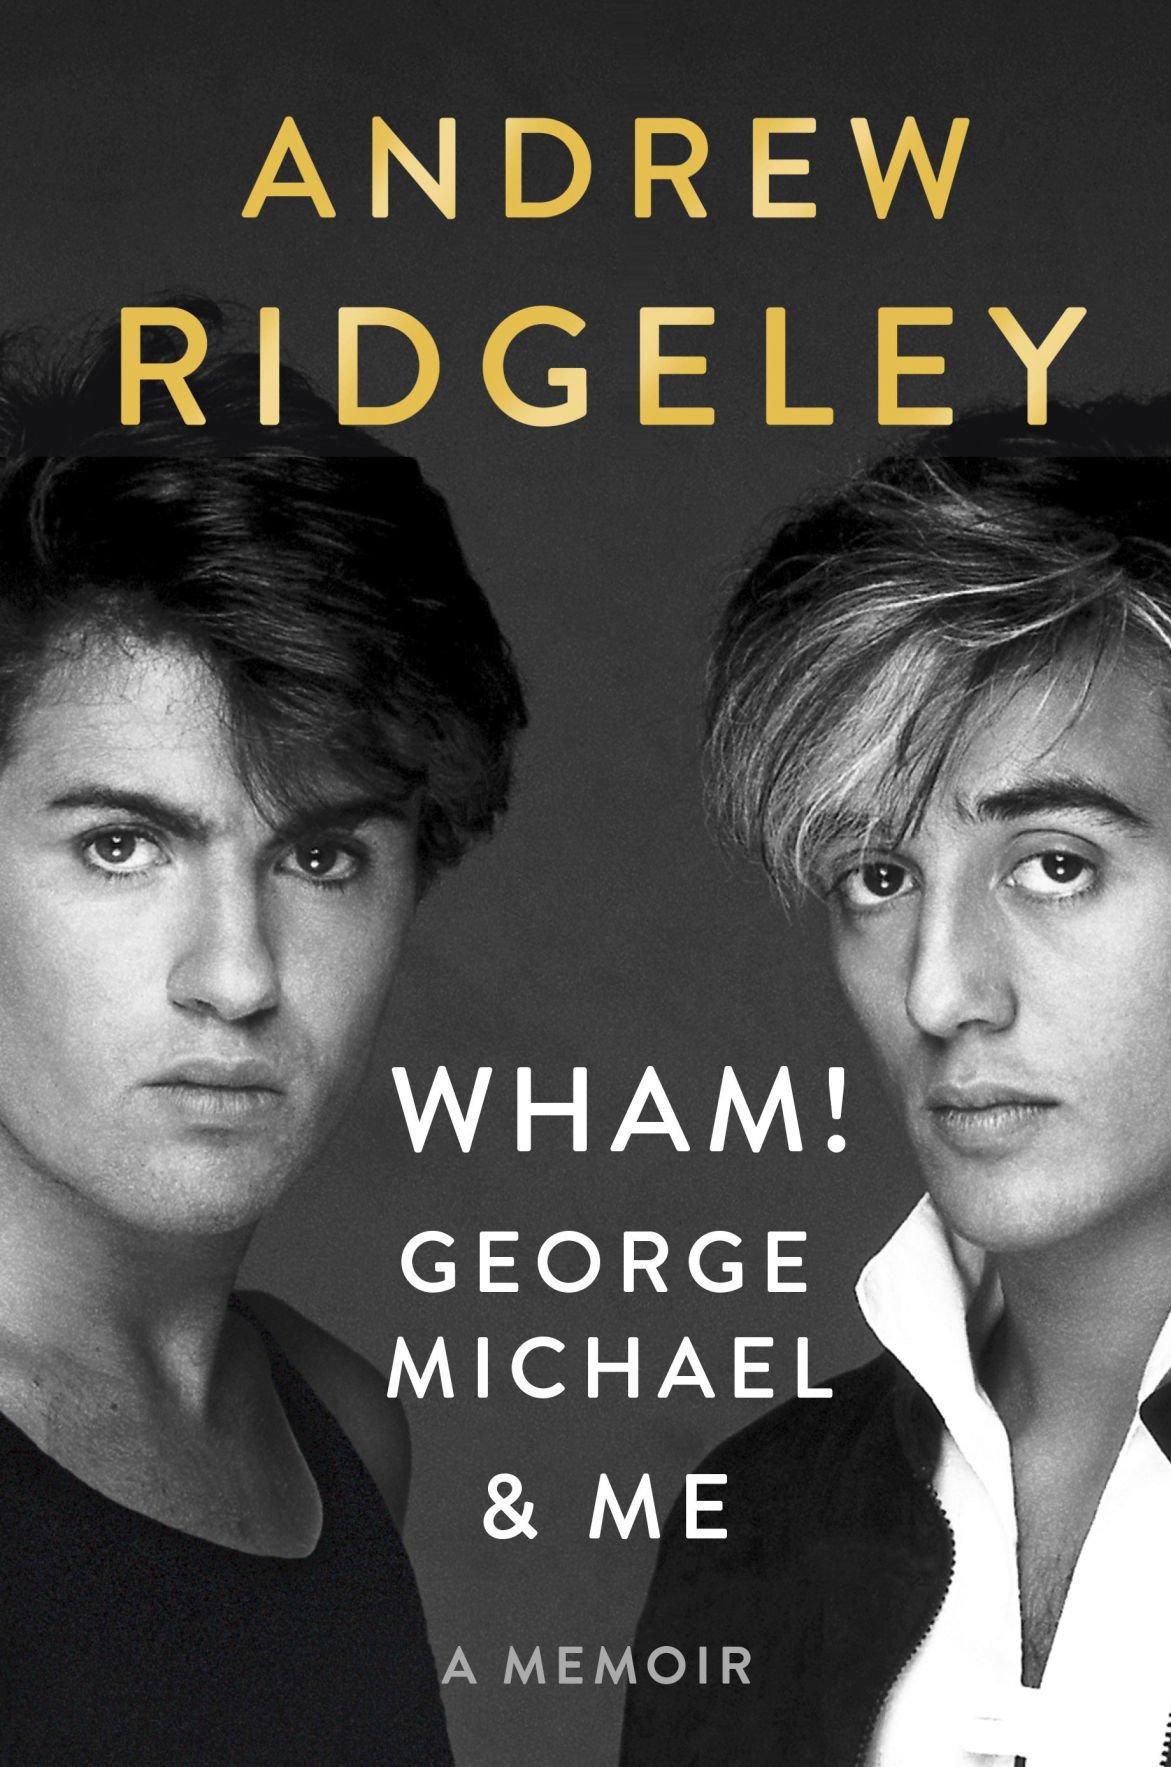 Books Andrew Ridgeley